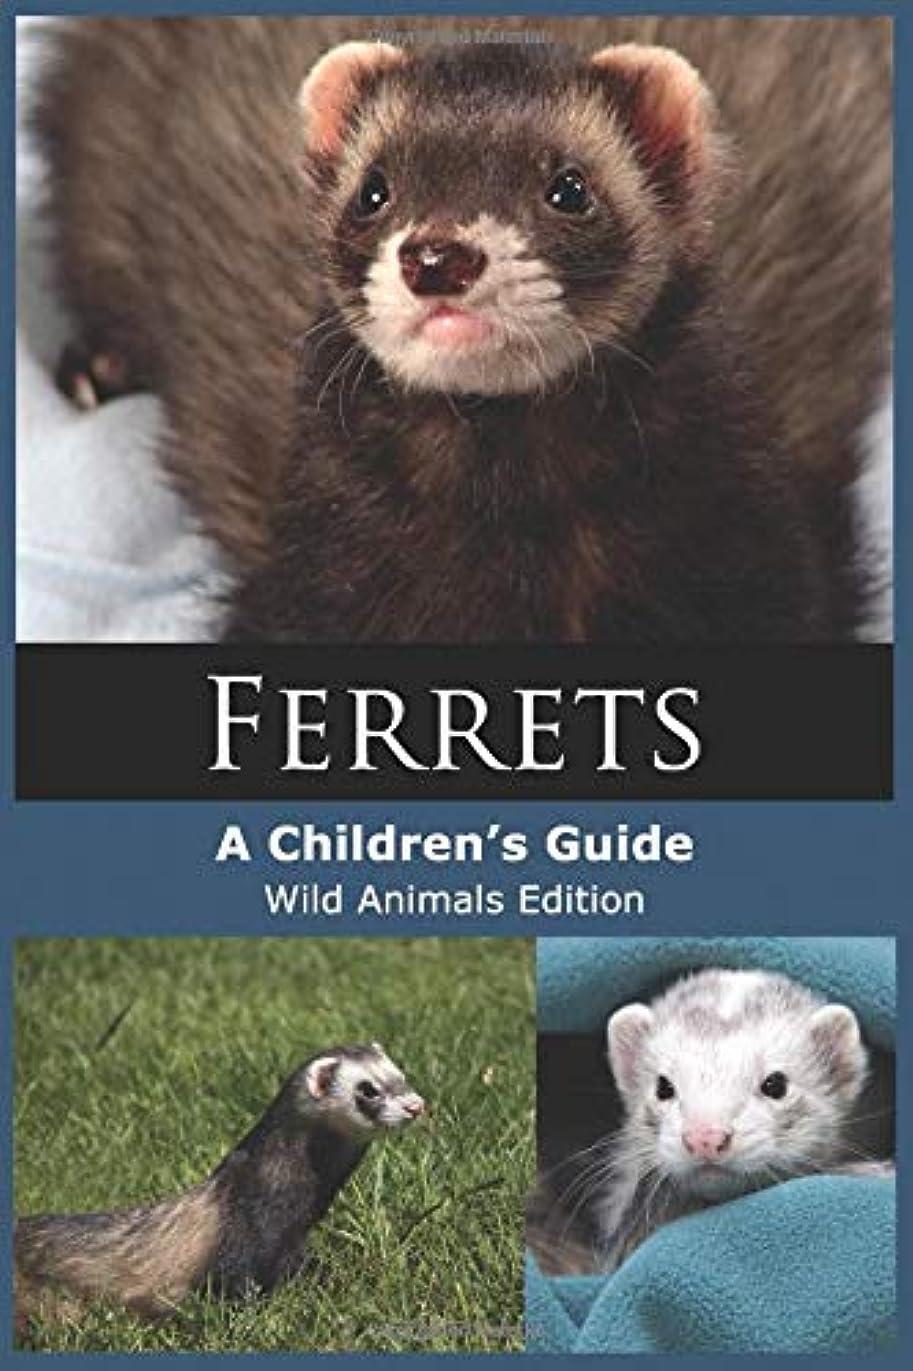 出身地乞食バランスのとれたFerrets: A Children's Guide (Wild Animals Edition)